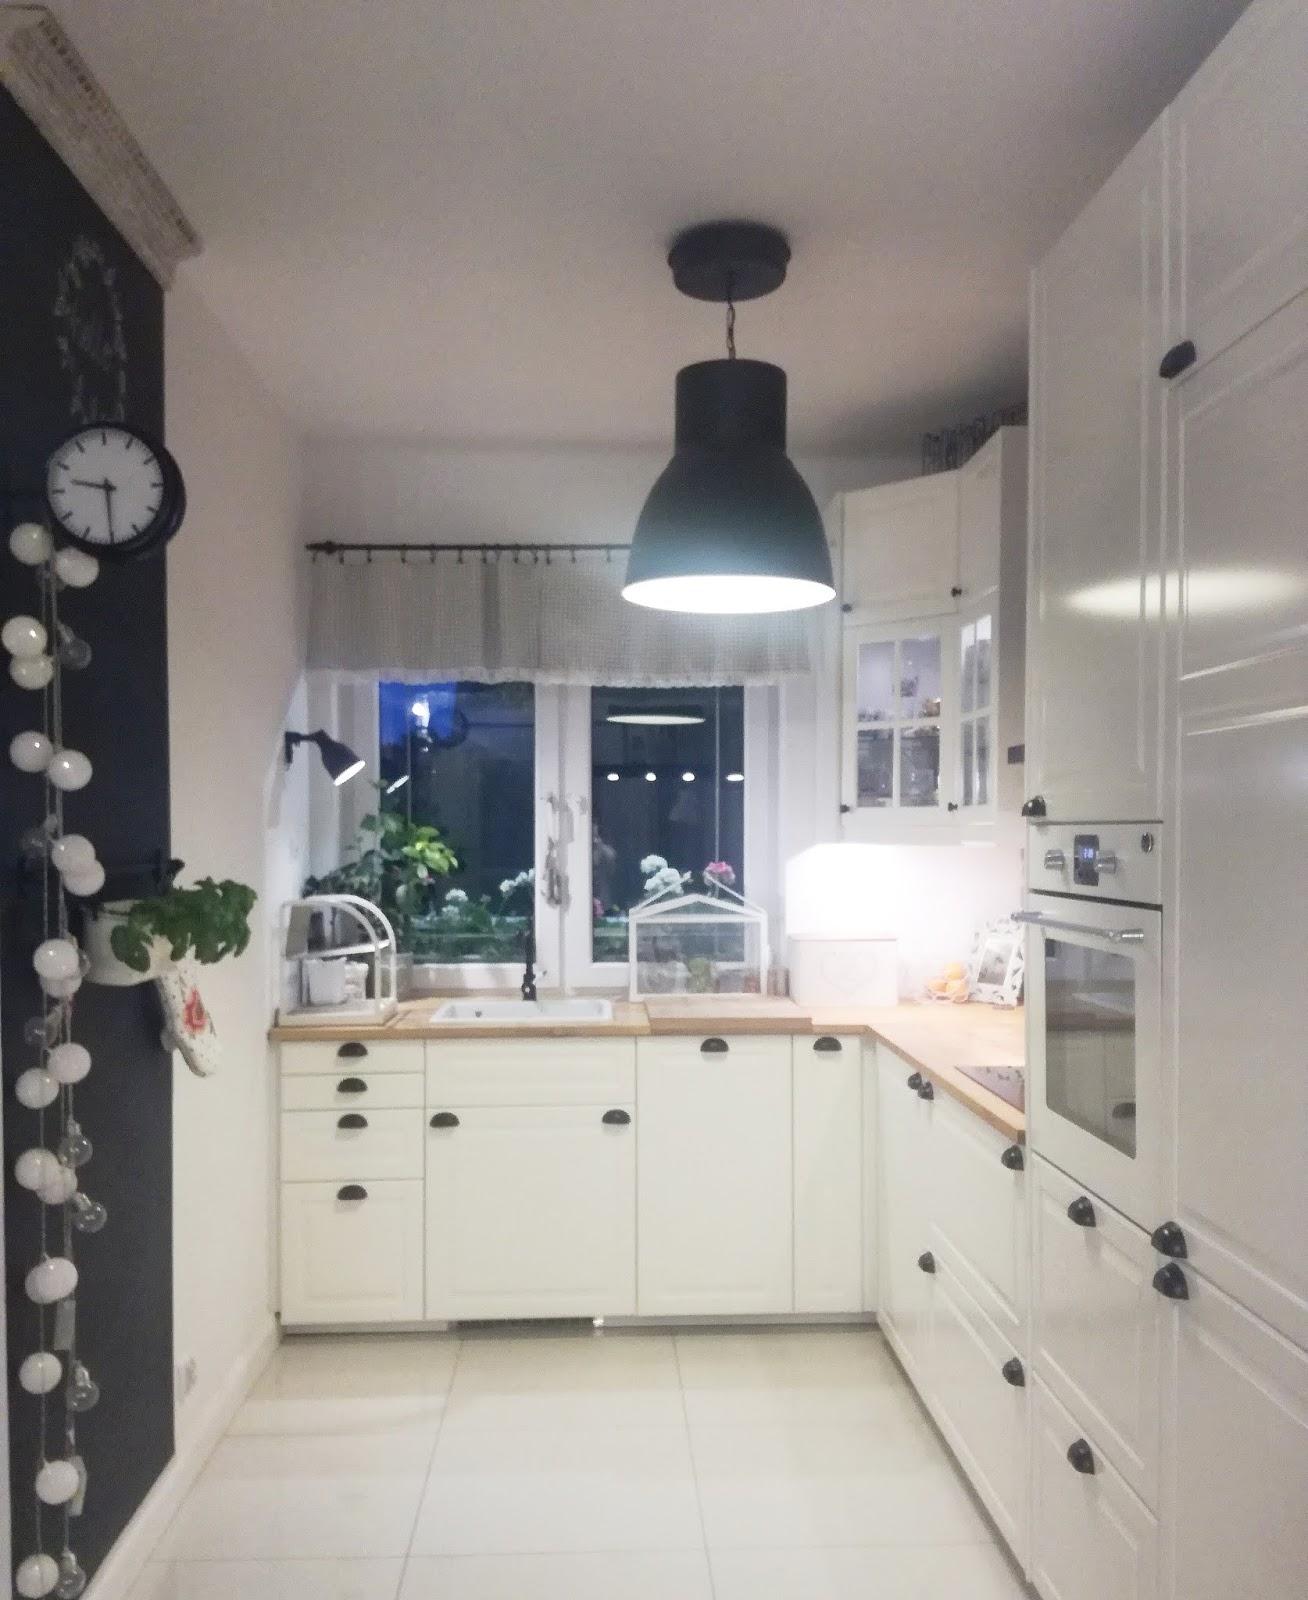 Mój Dom Moja Przystan Kuchnia Ikea